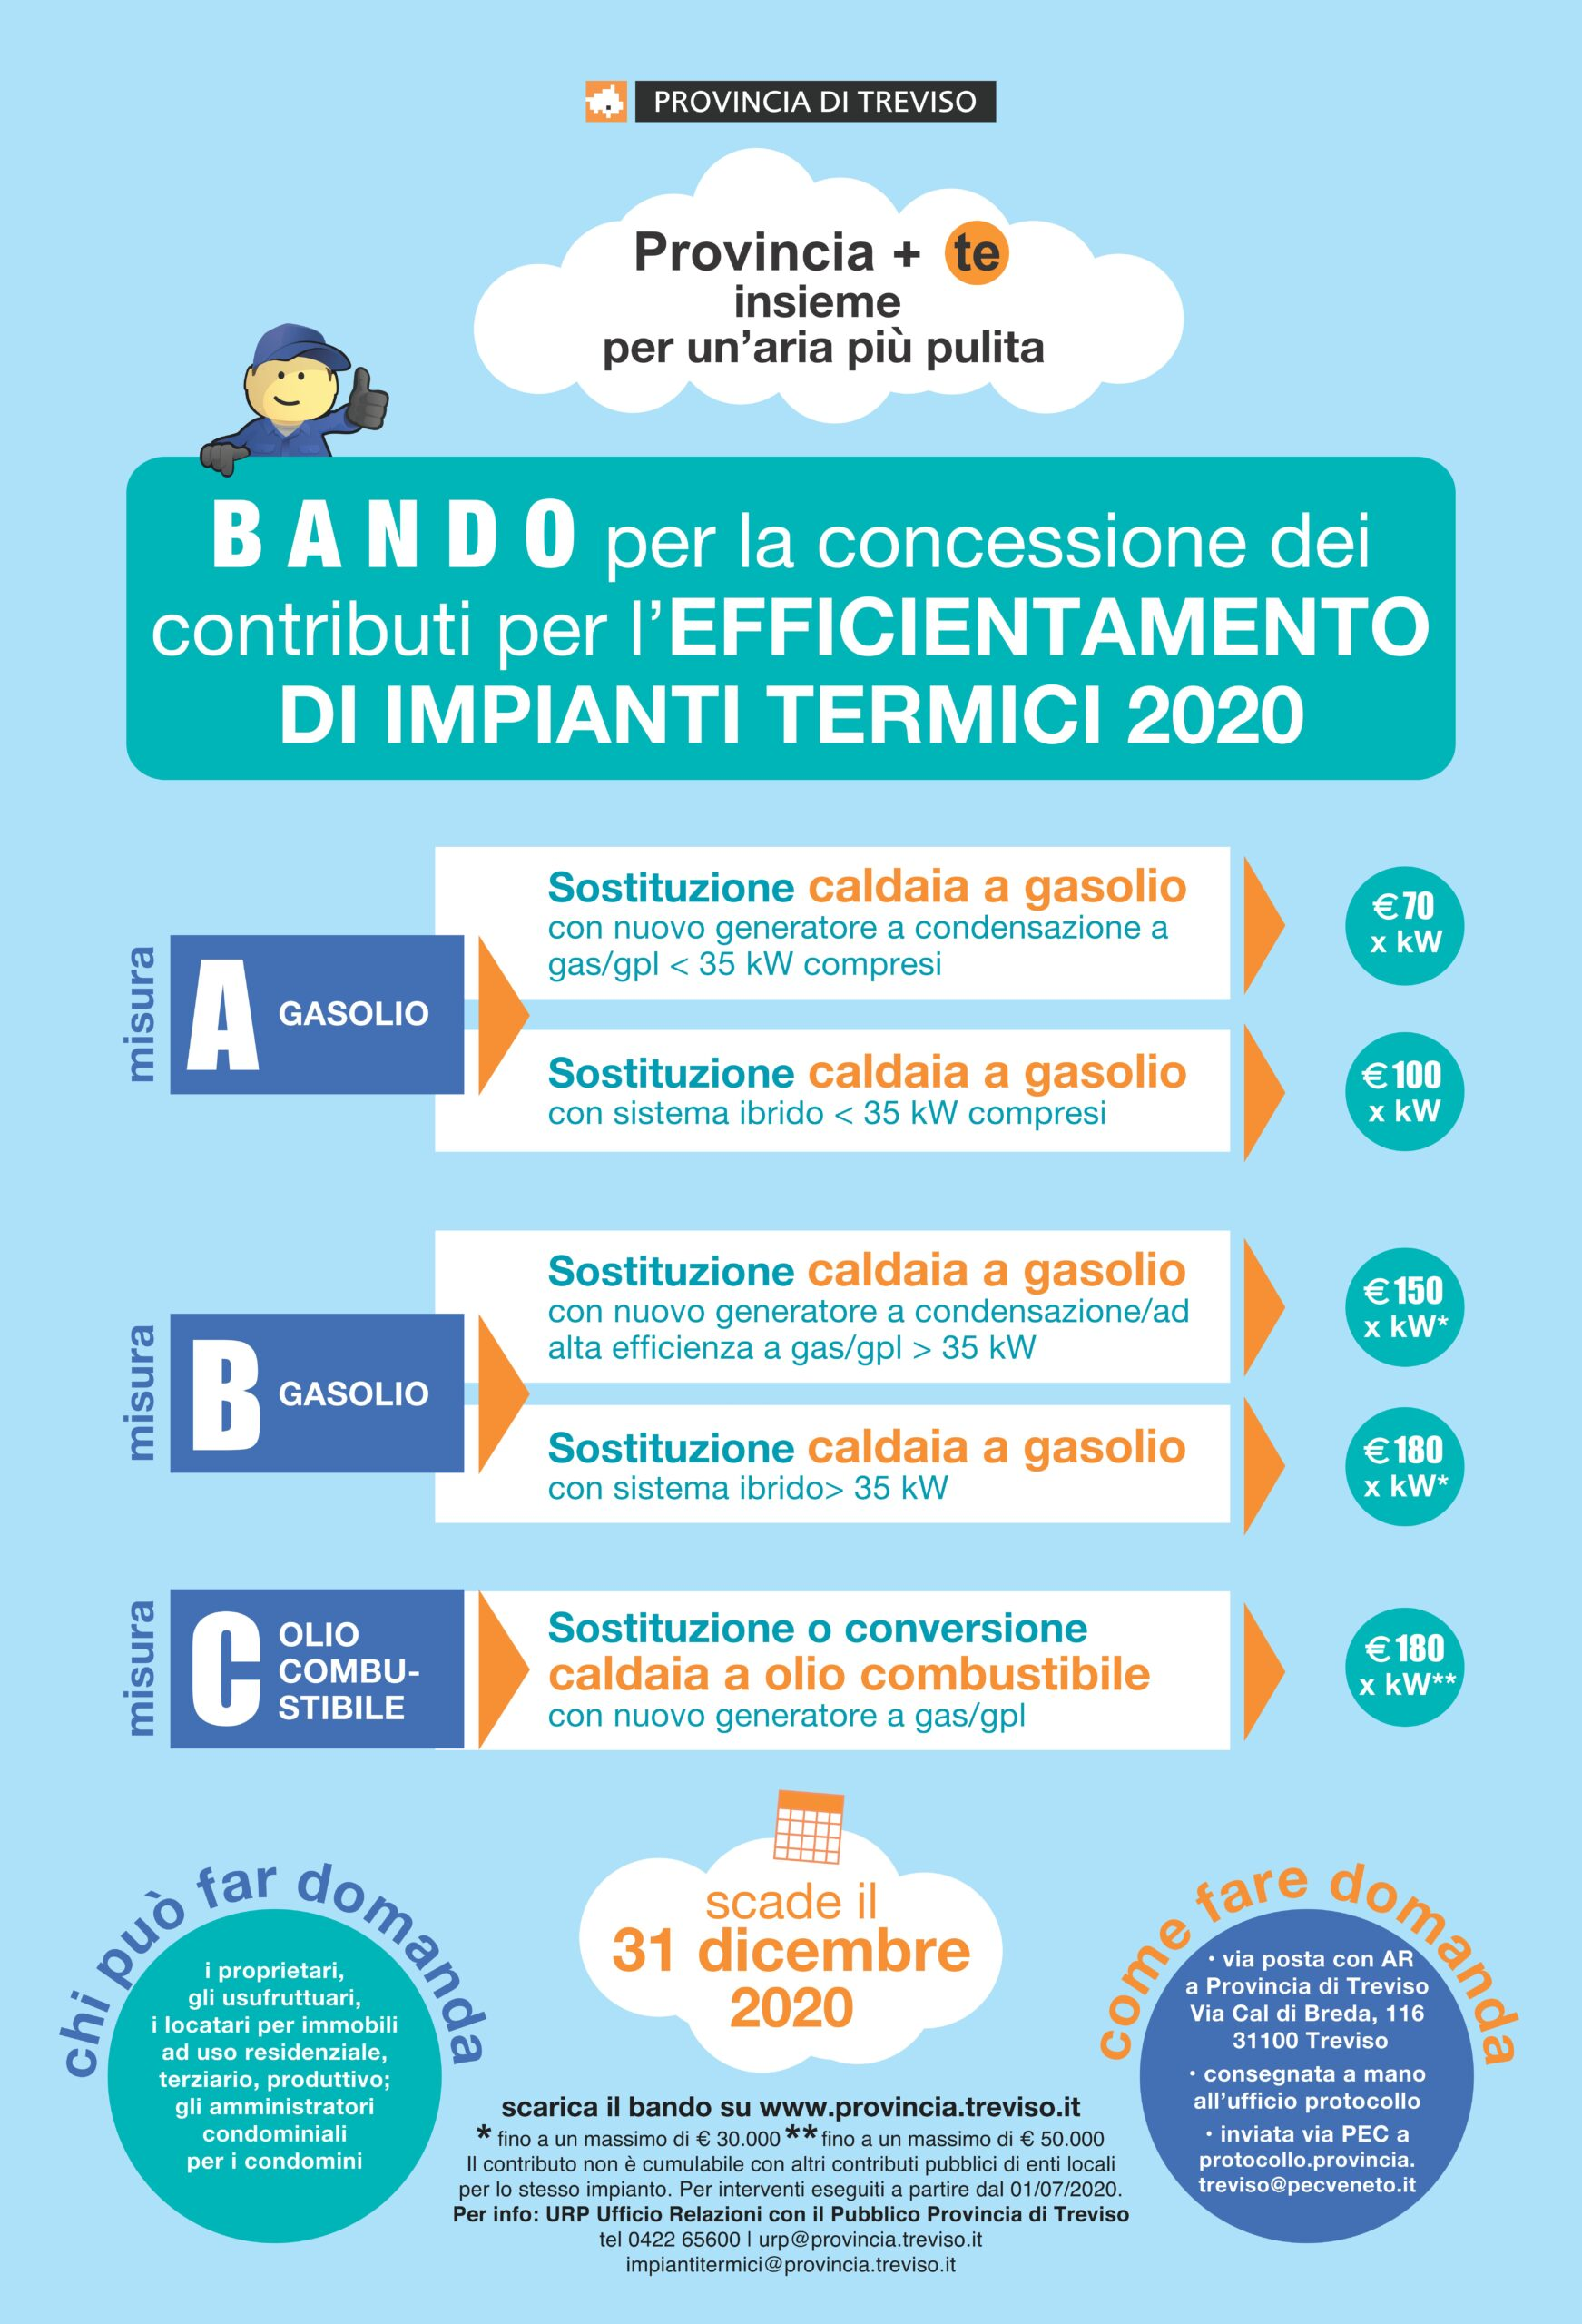 BANDO PROVINCIALE PER LA CONCESSIONE DI CONTRIBUTI PER L'EFFICIENTAMENTO DI IMPIANTI TERMICI 2020